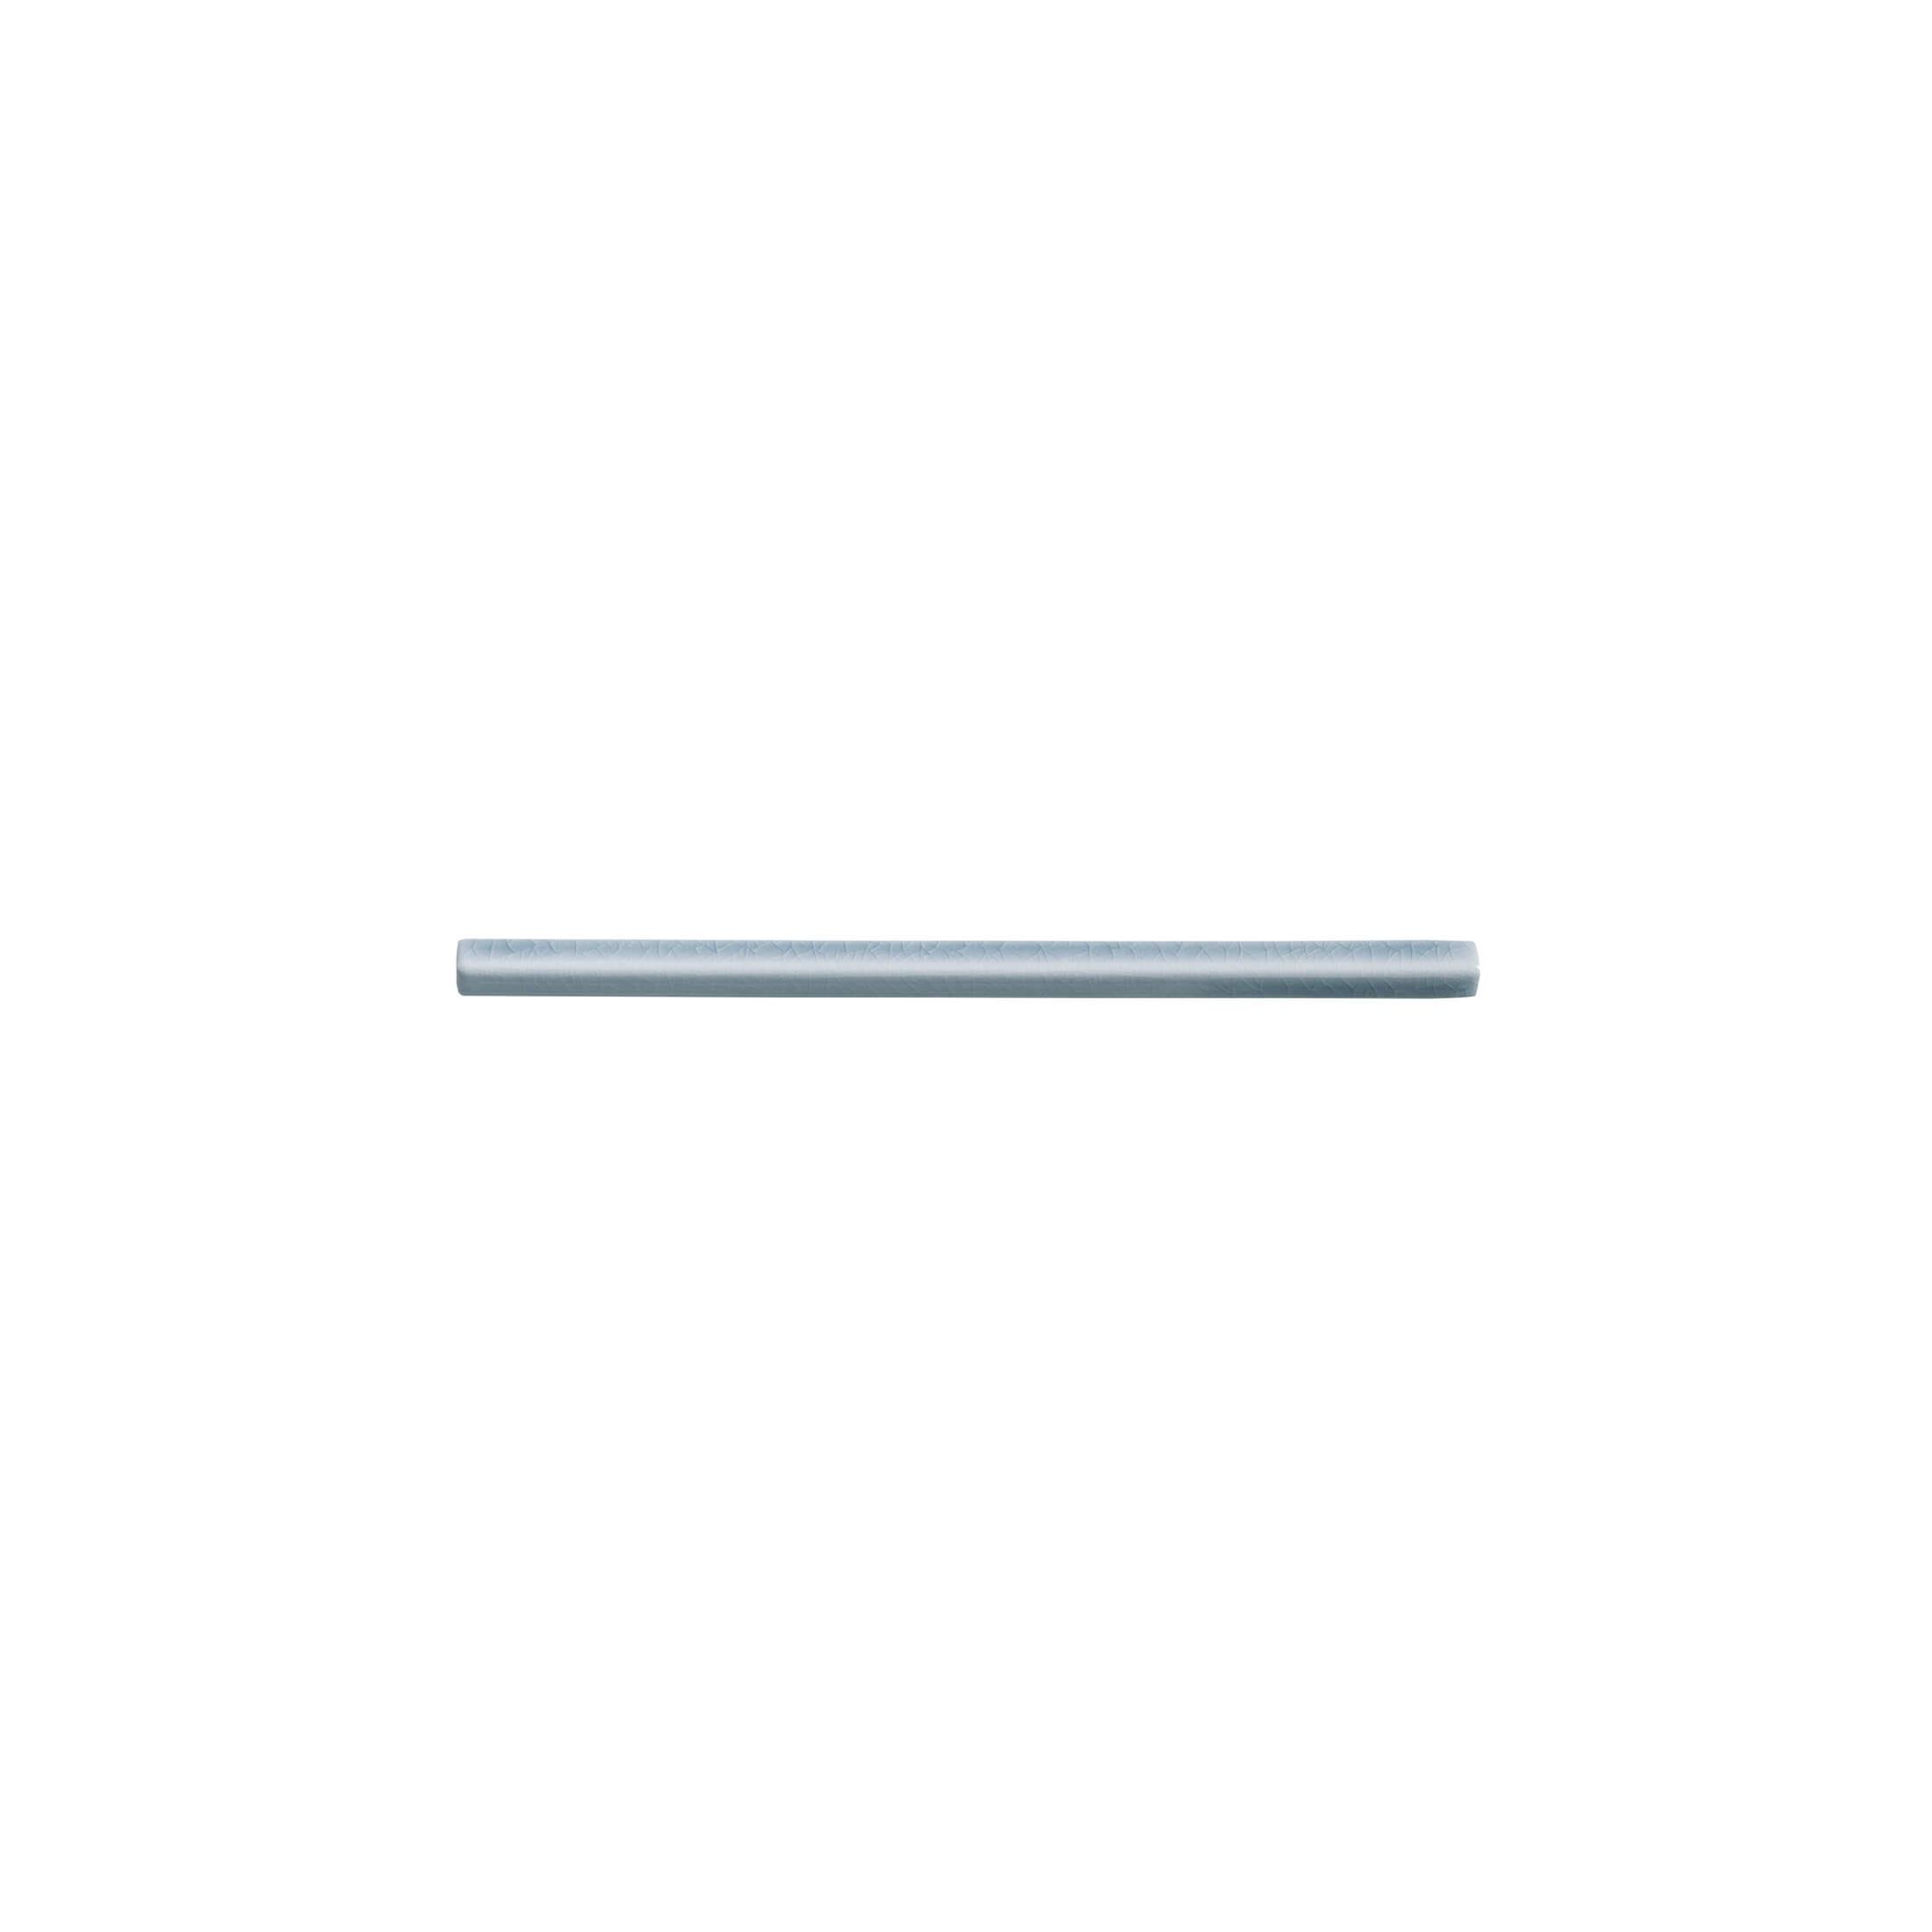 ADMO5425 - BULLNOSE TRIM C/C - 0.85 cm X 15 cm